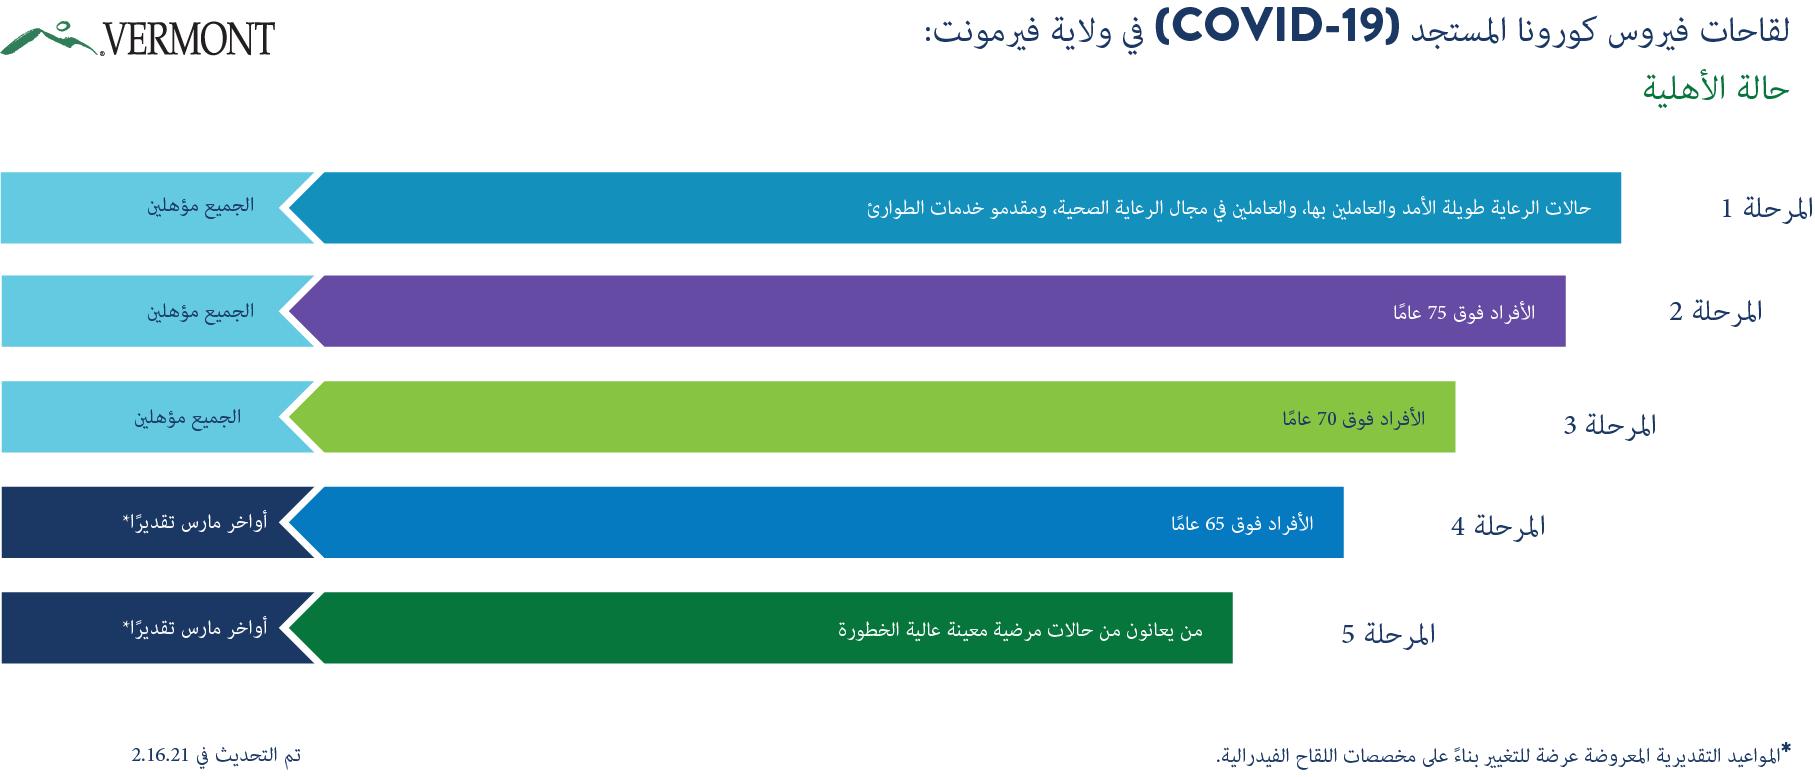 eligibility graphic